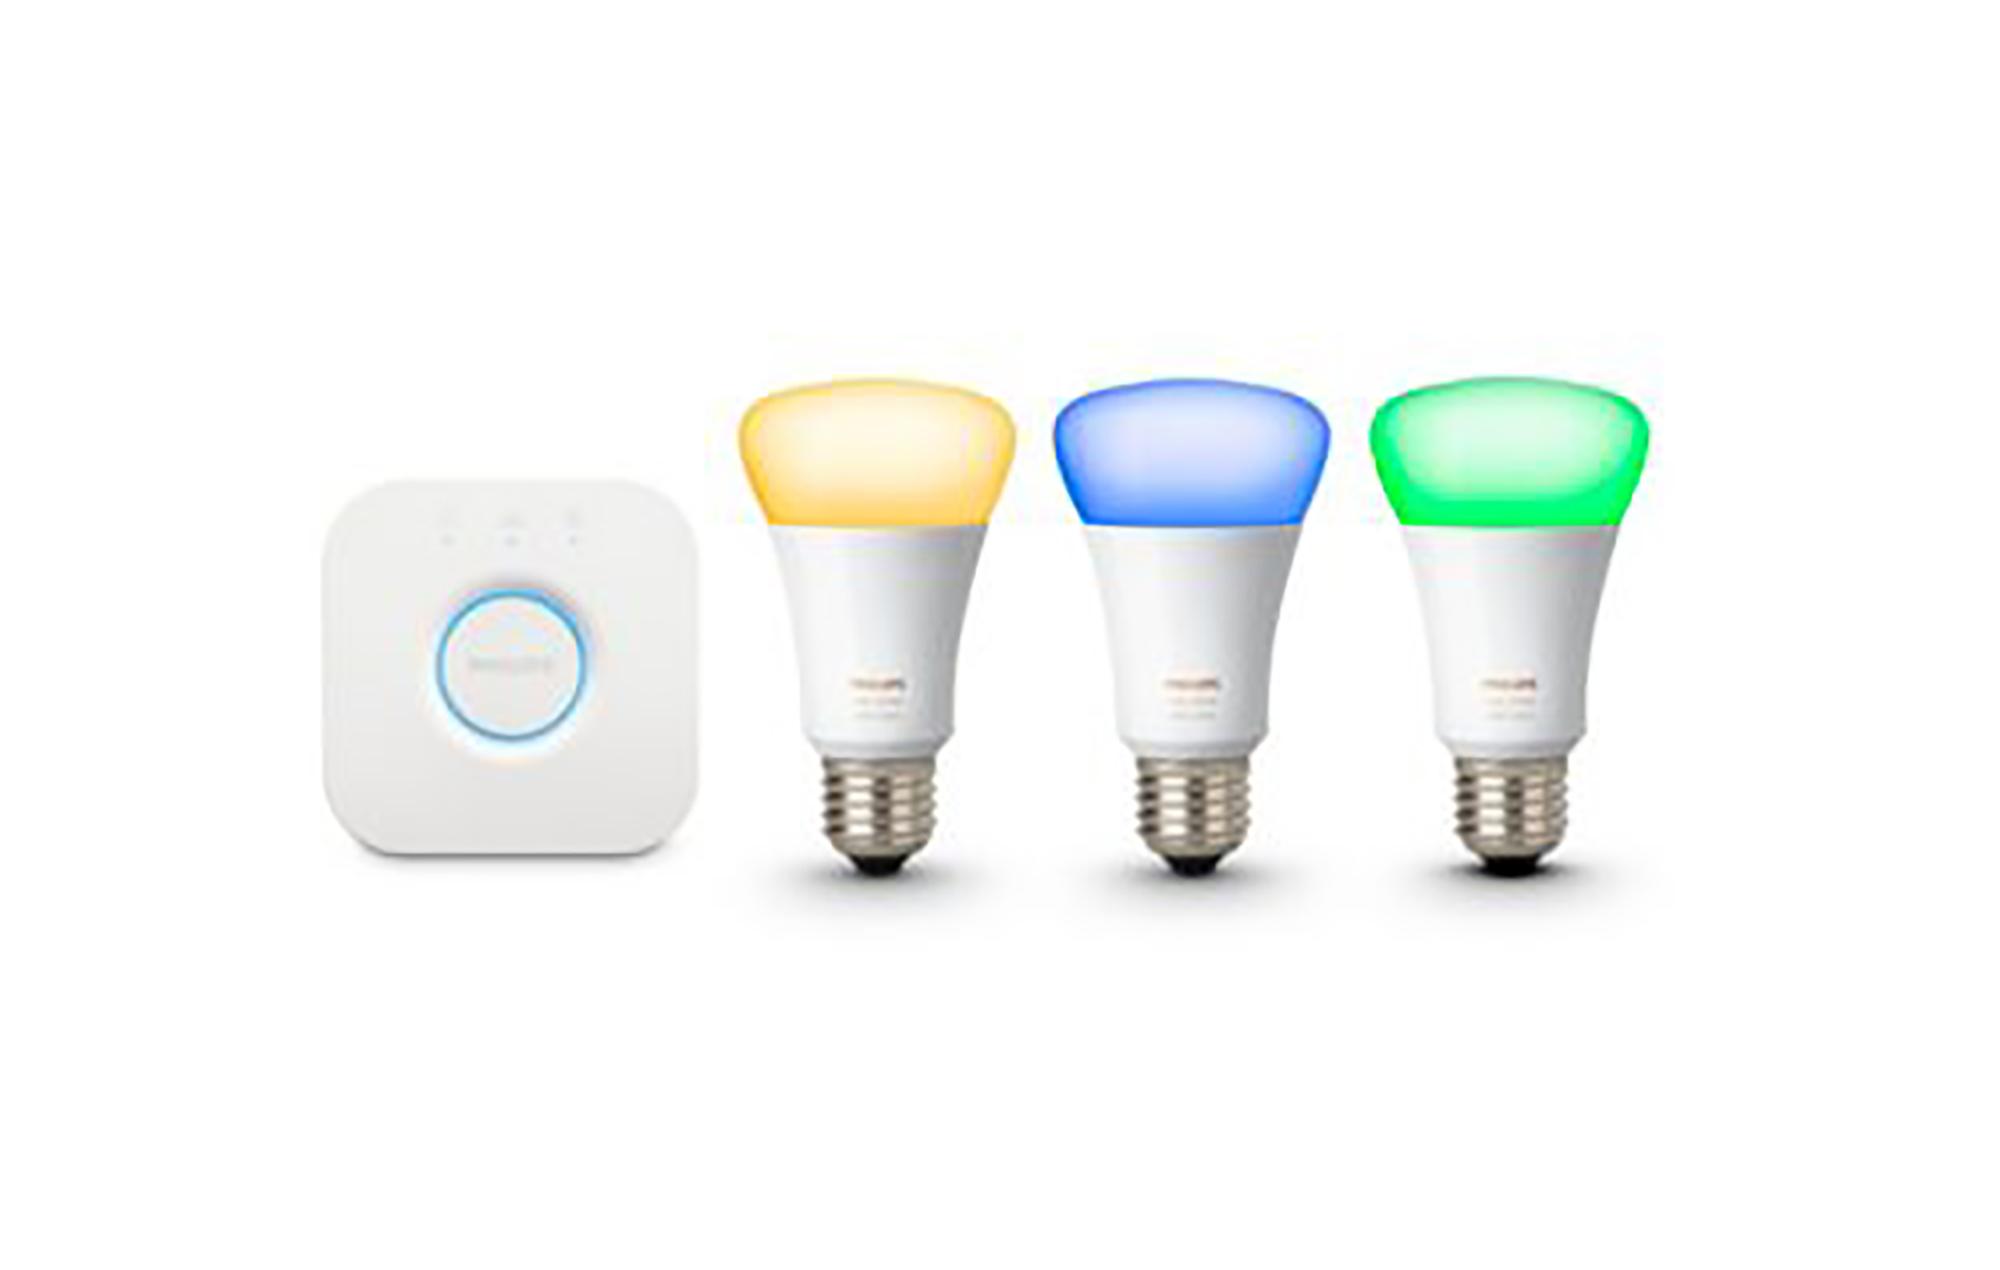 Philips Hue Light Starter Pack